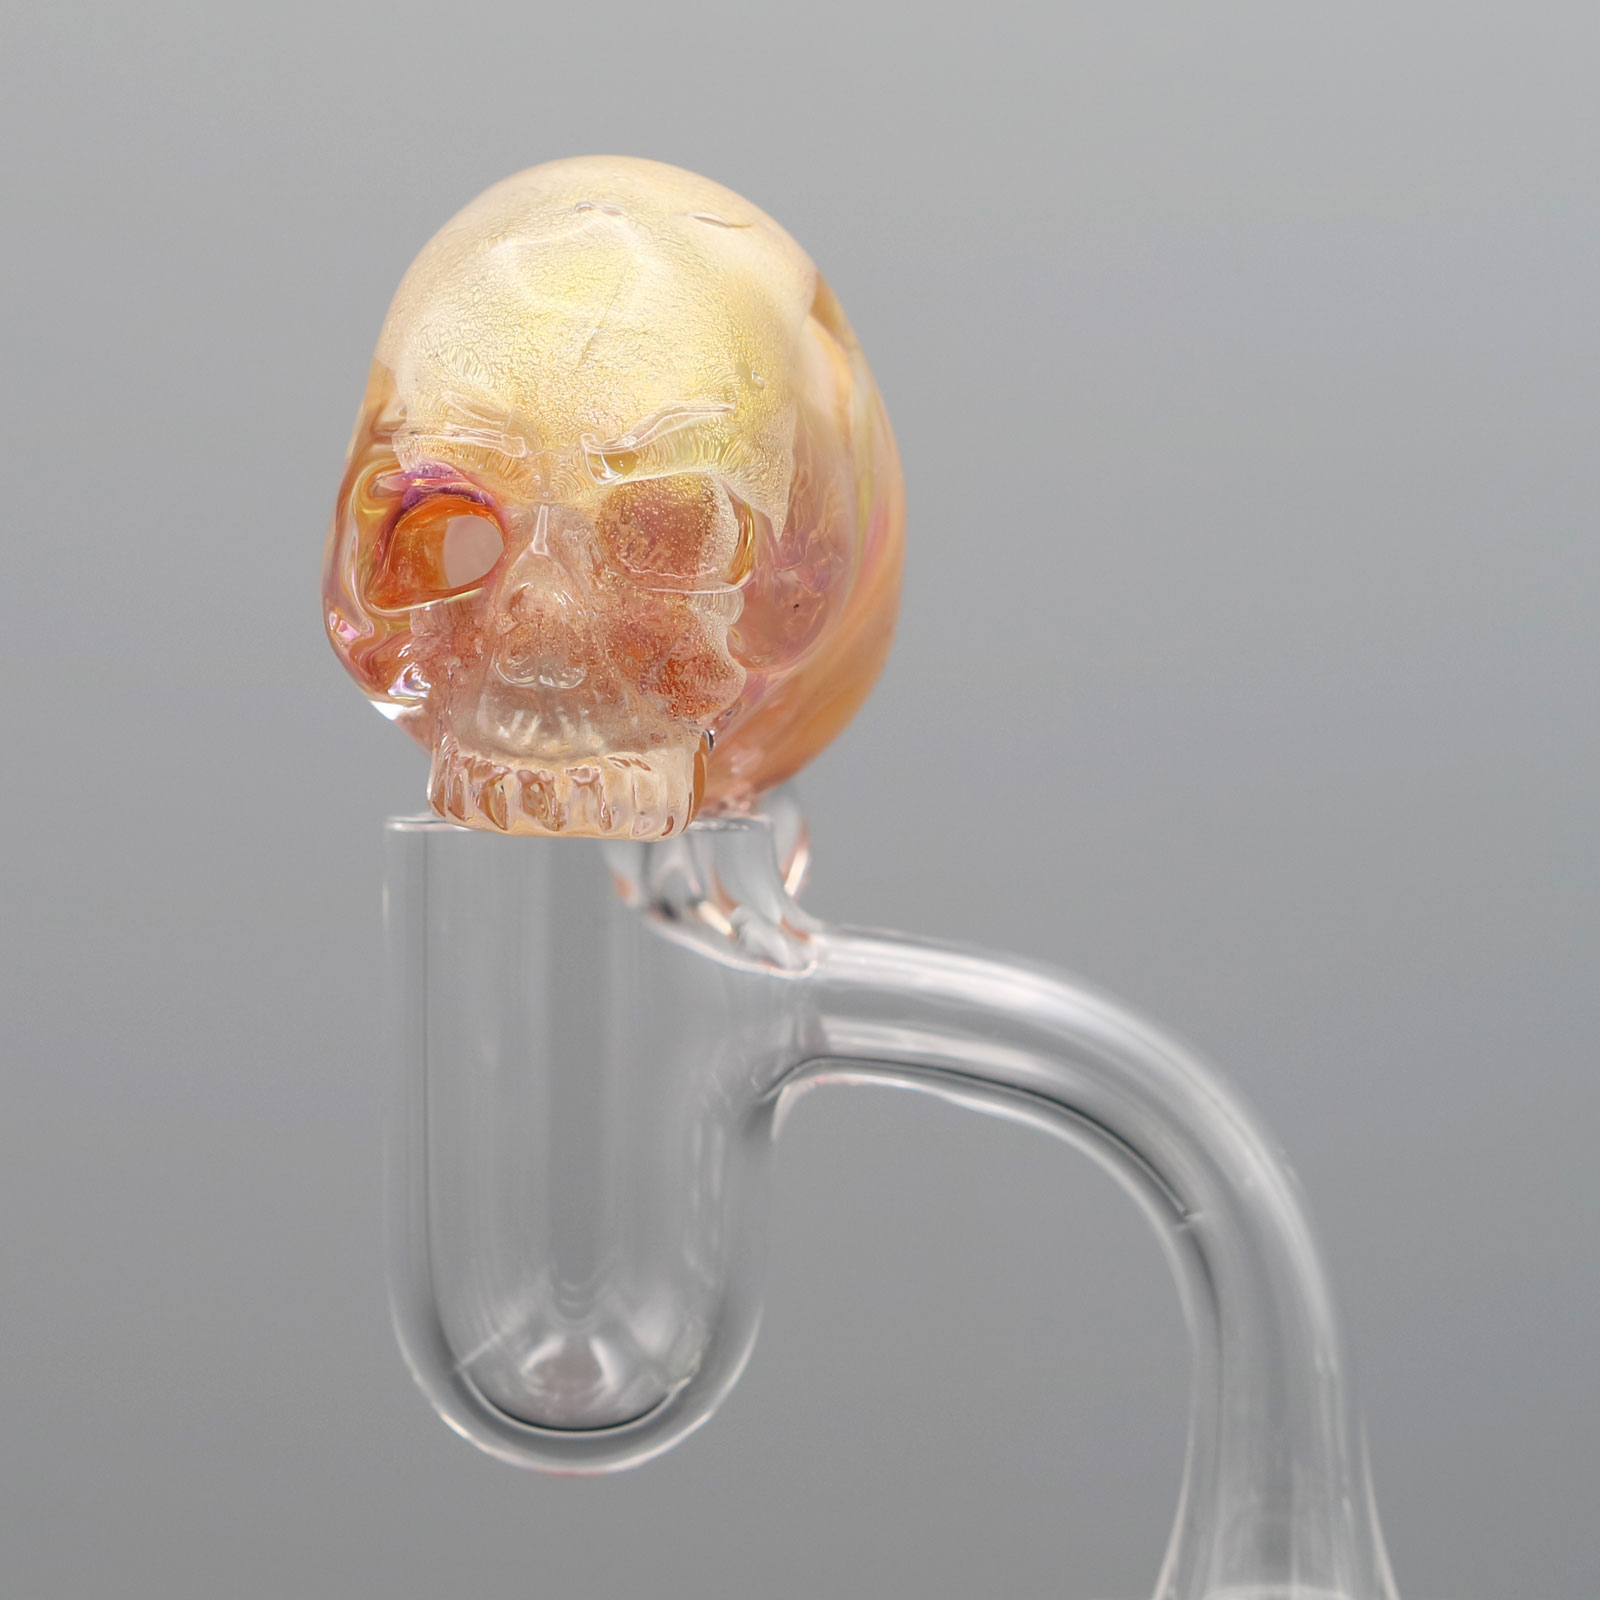 Jonny Carrcass – Fumed Skull Bubblecap